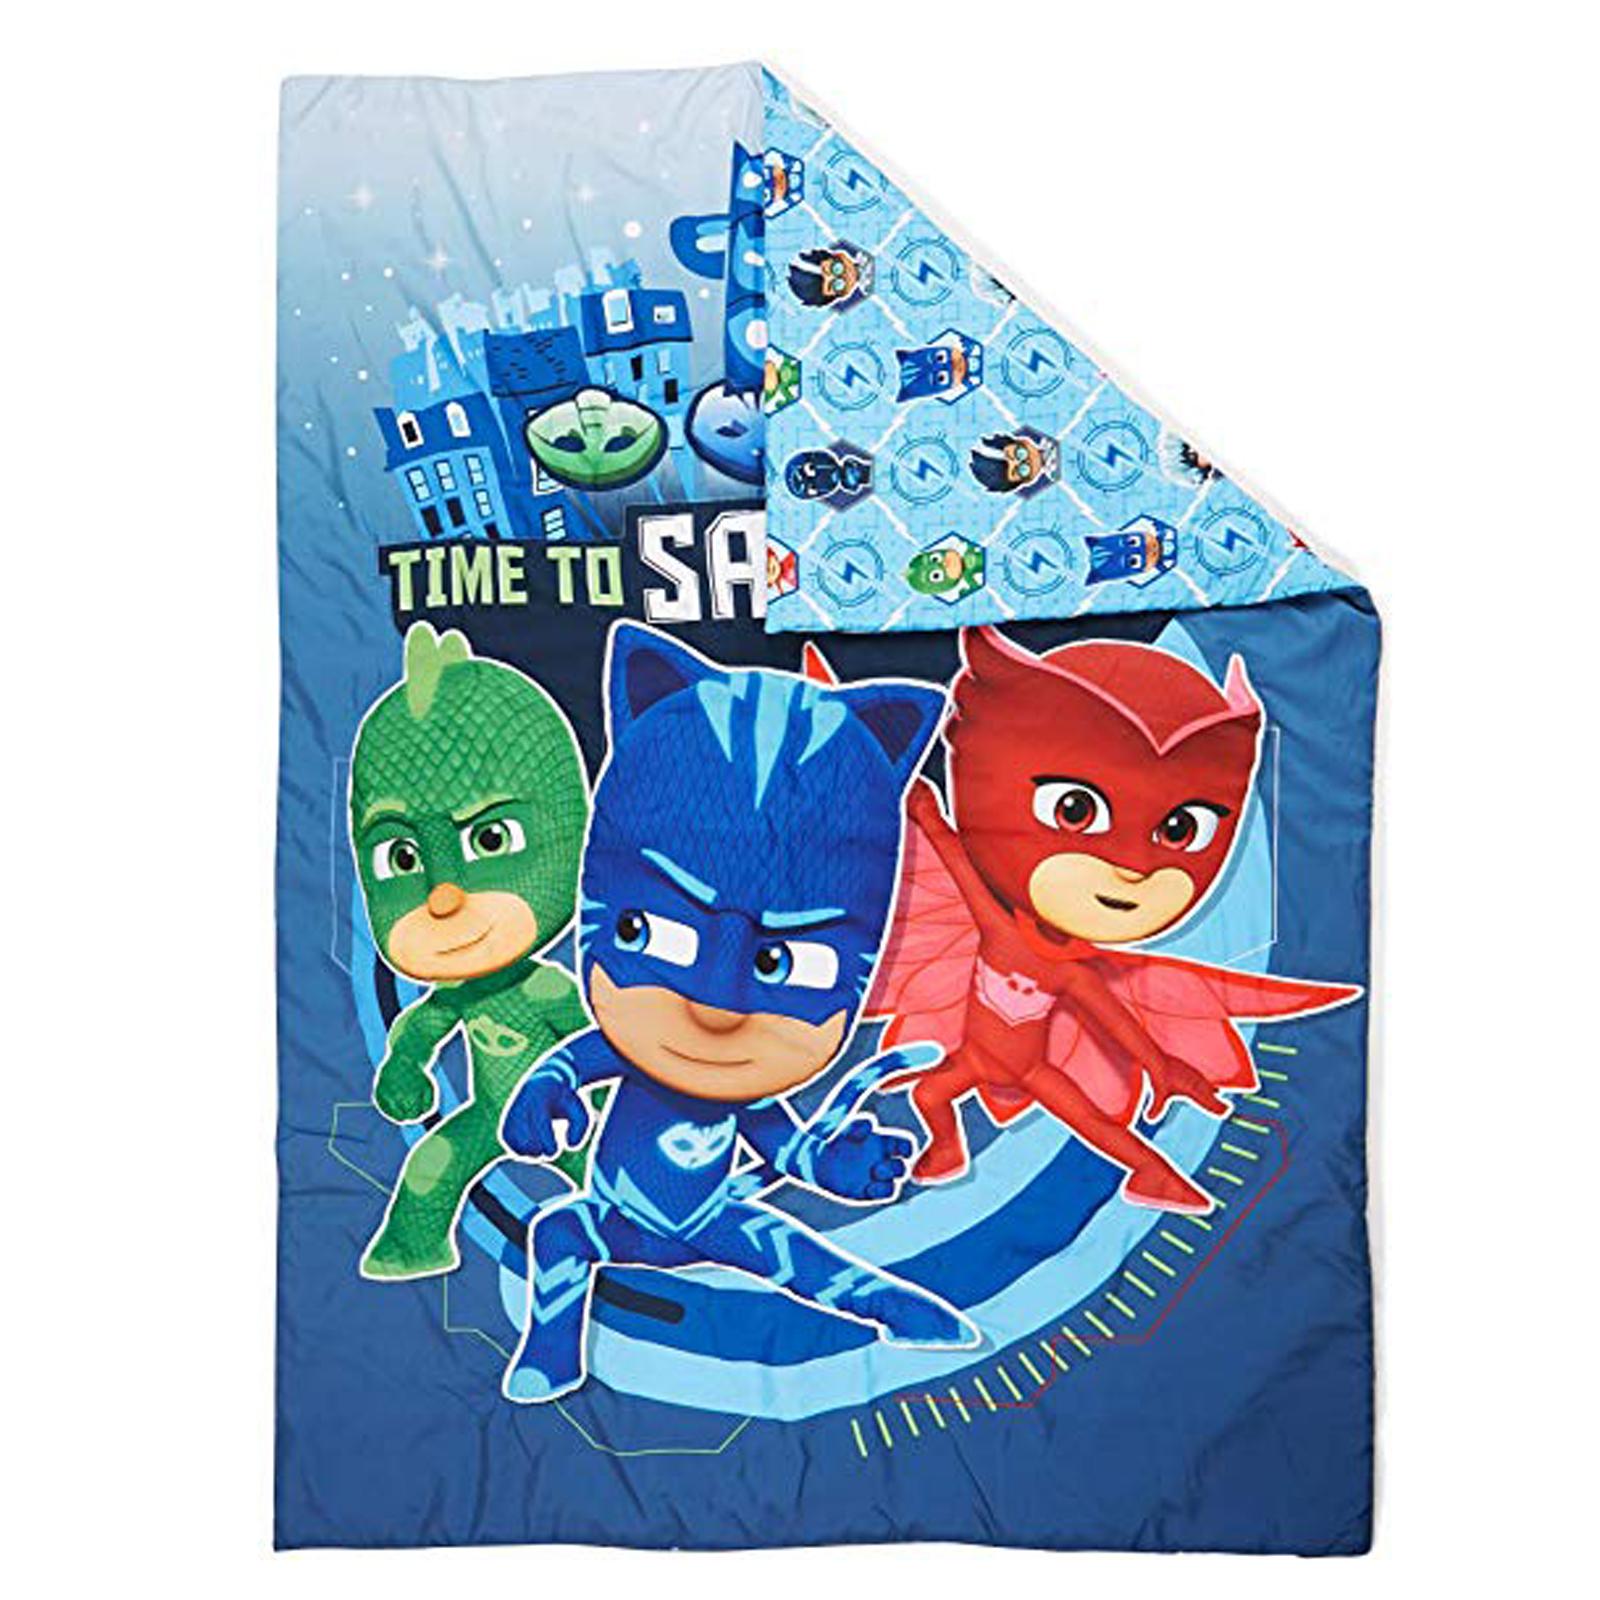 Disney Junior PJ Masks Toddler Size Comforter Blanket